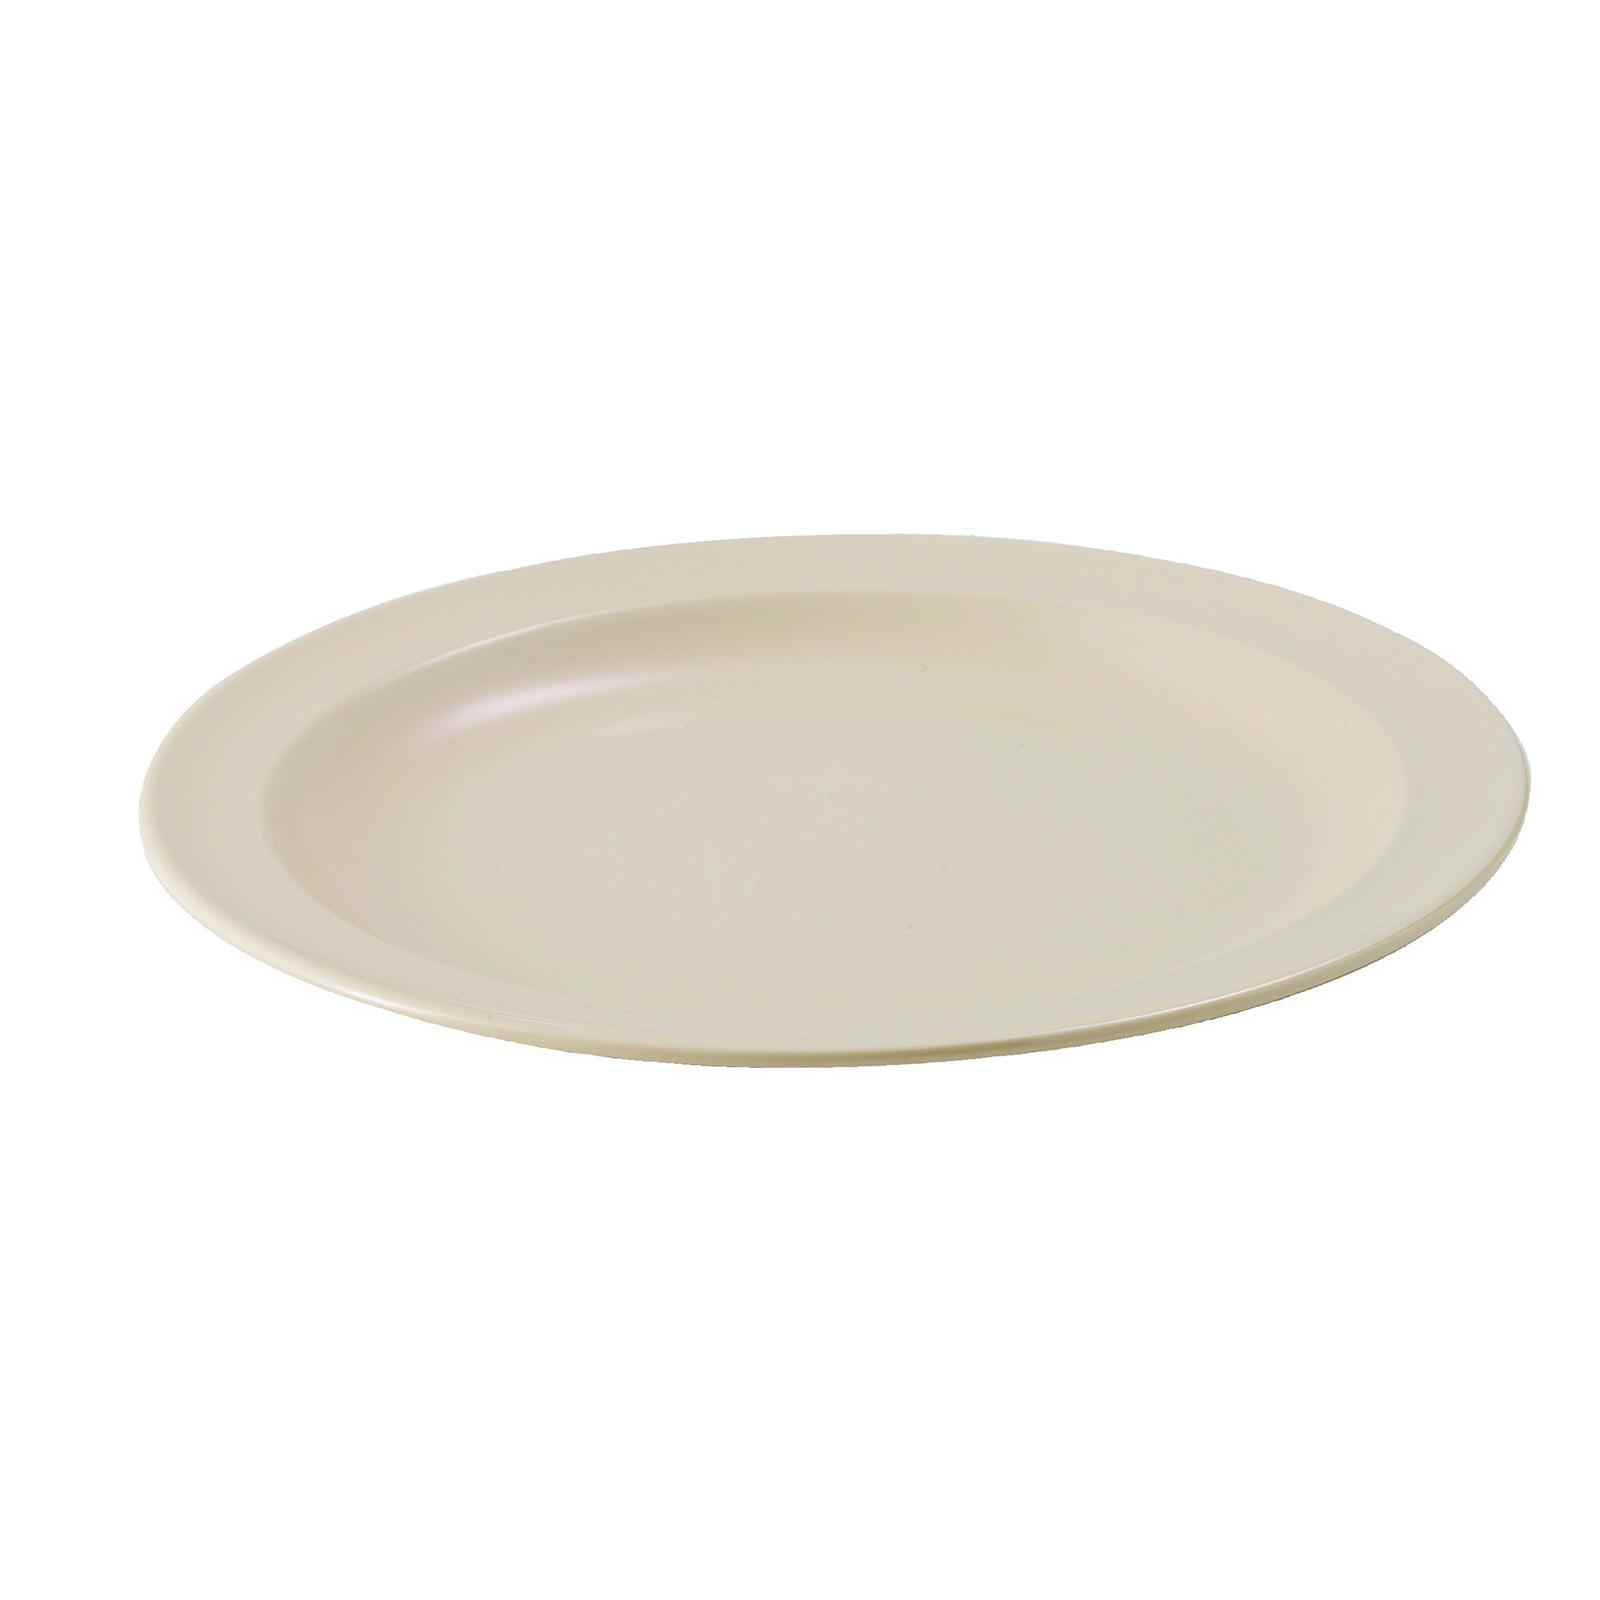 Winco MMPR-5 plate, plastic